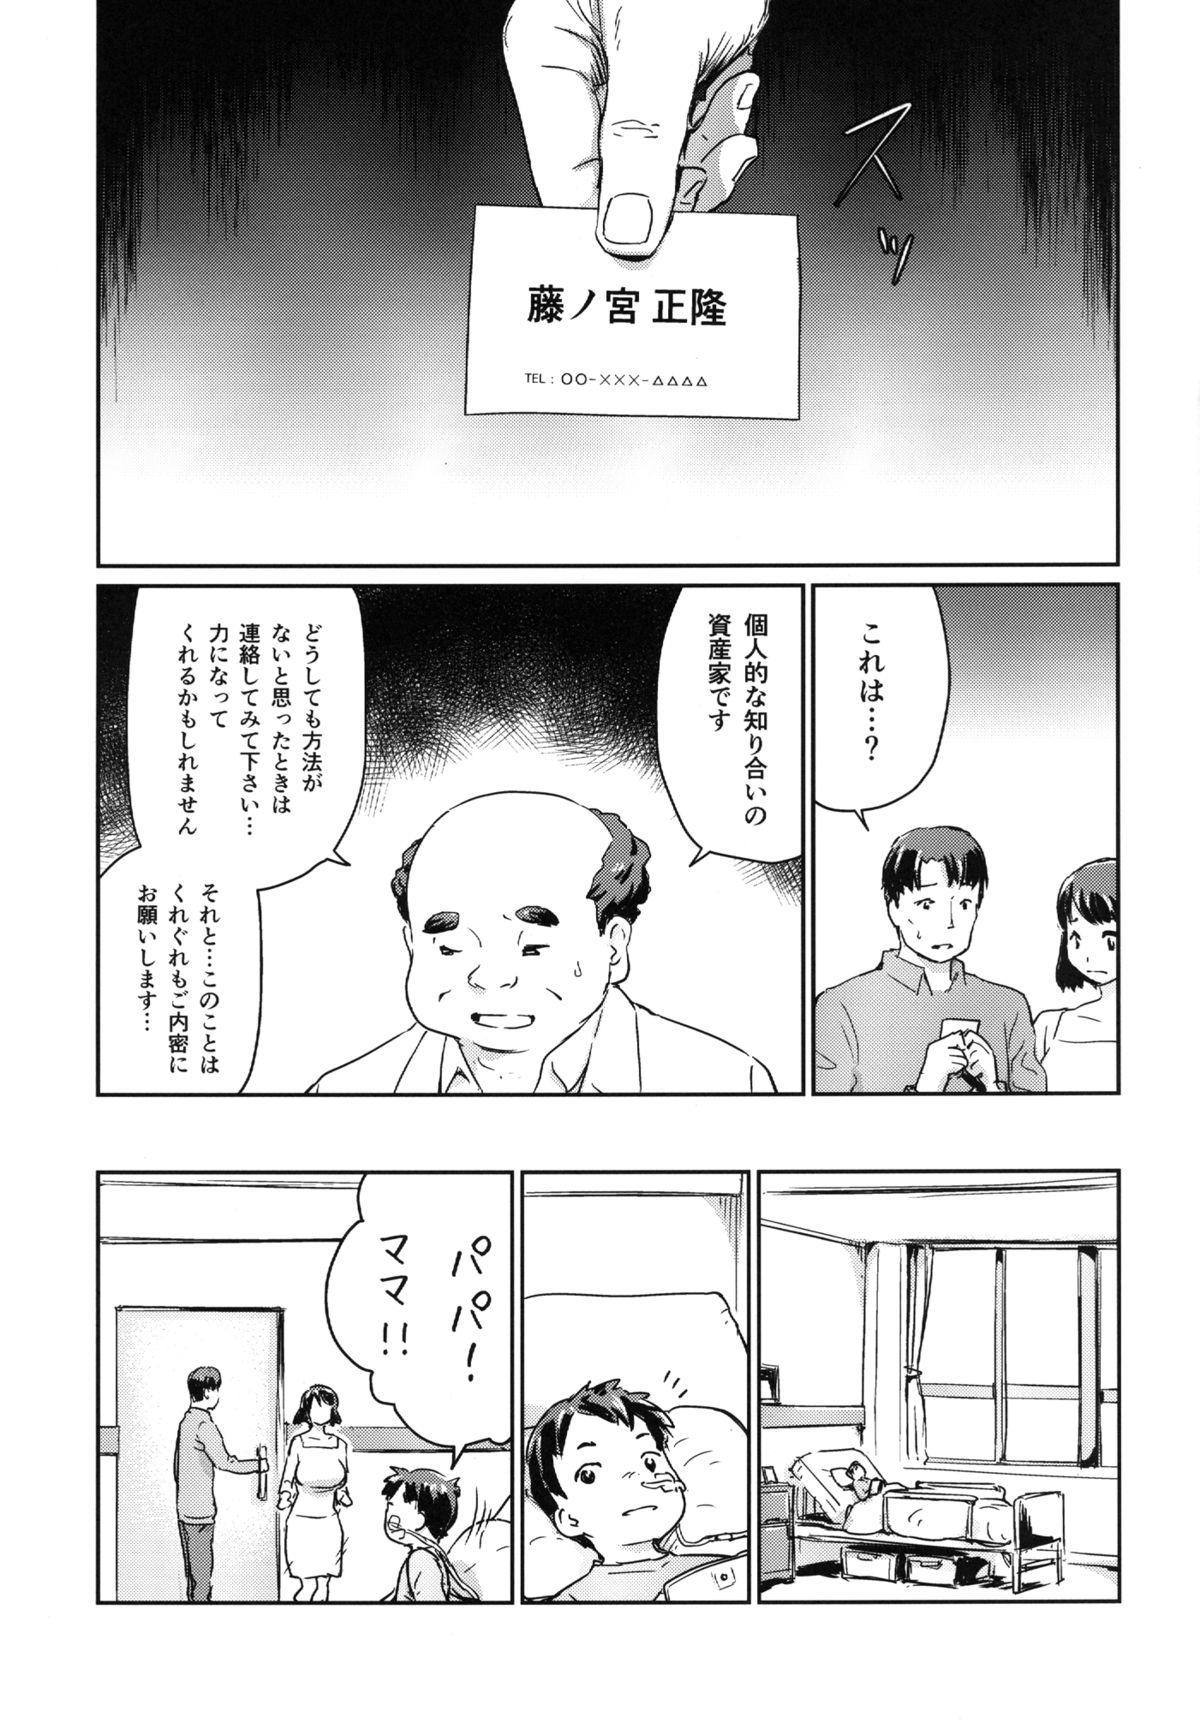 Hitozuma Kari - Kousoku Zecchou Sundome Game Nanbyou no Wagako no Chiryouhi no Tame Sono Mi wo Sashidasu Tsuma 11